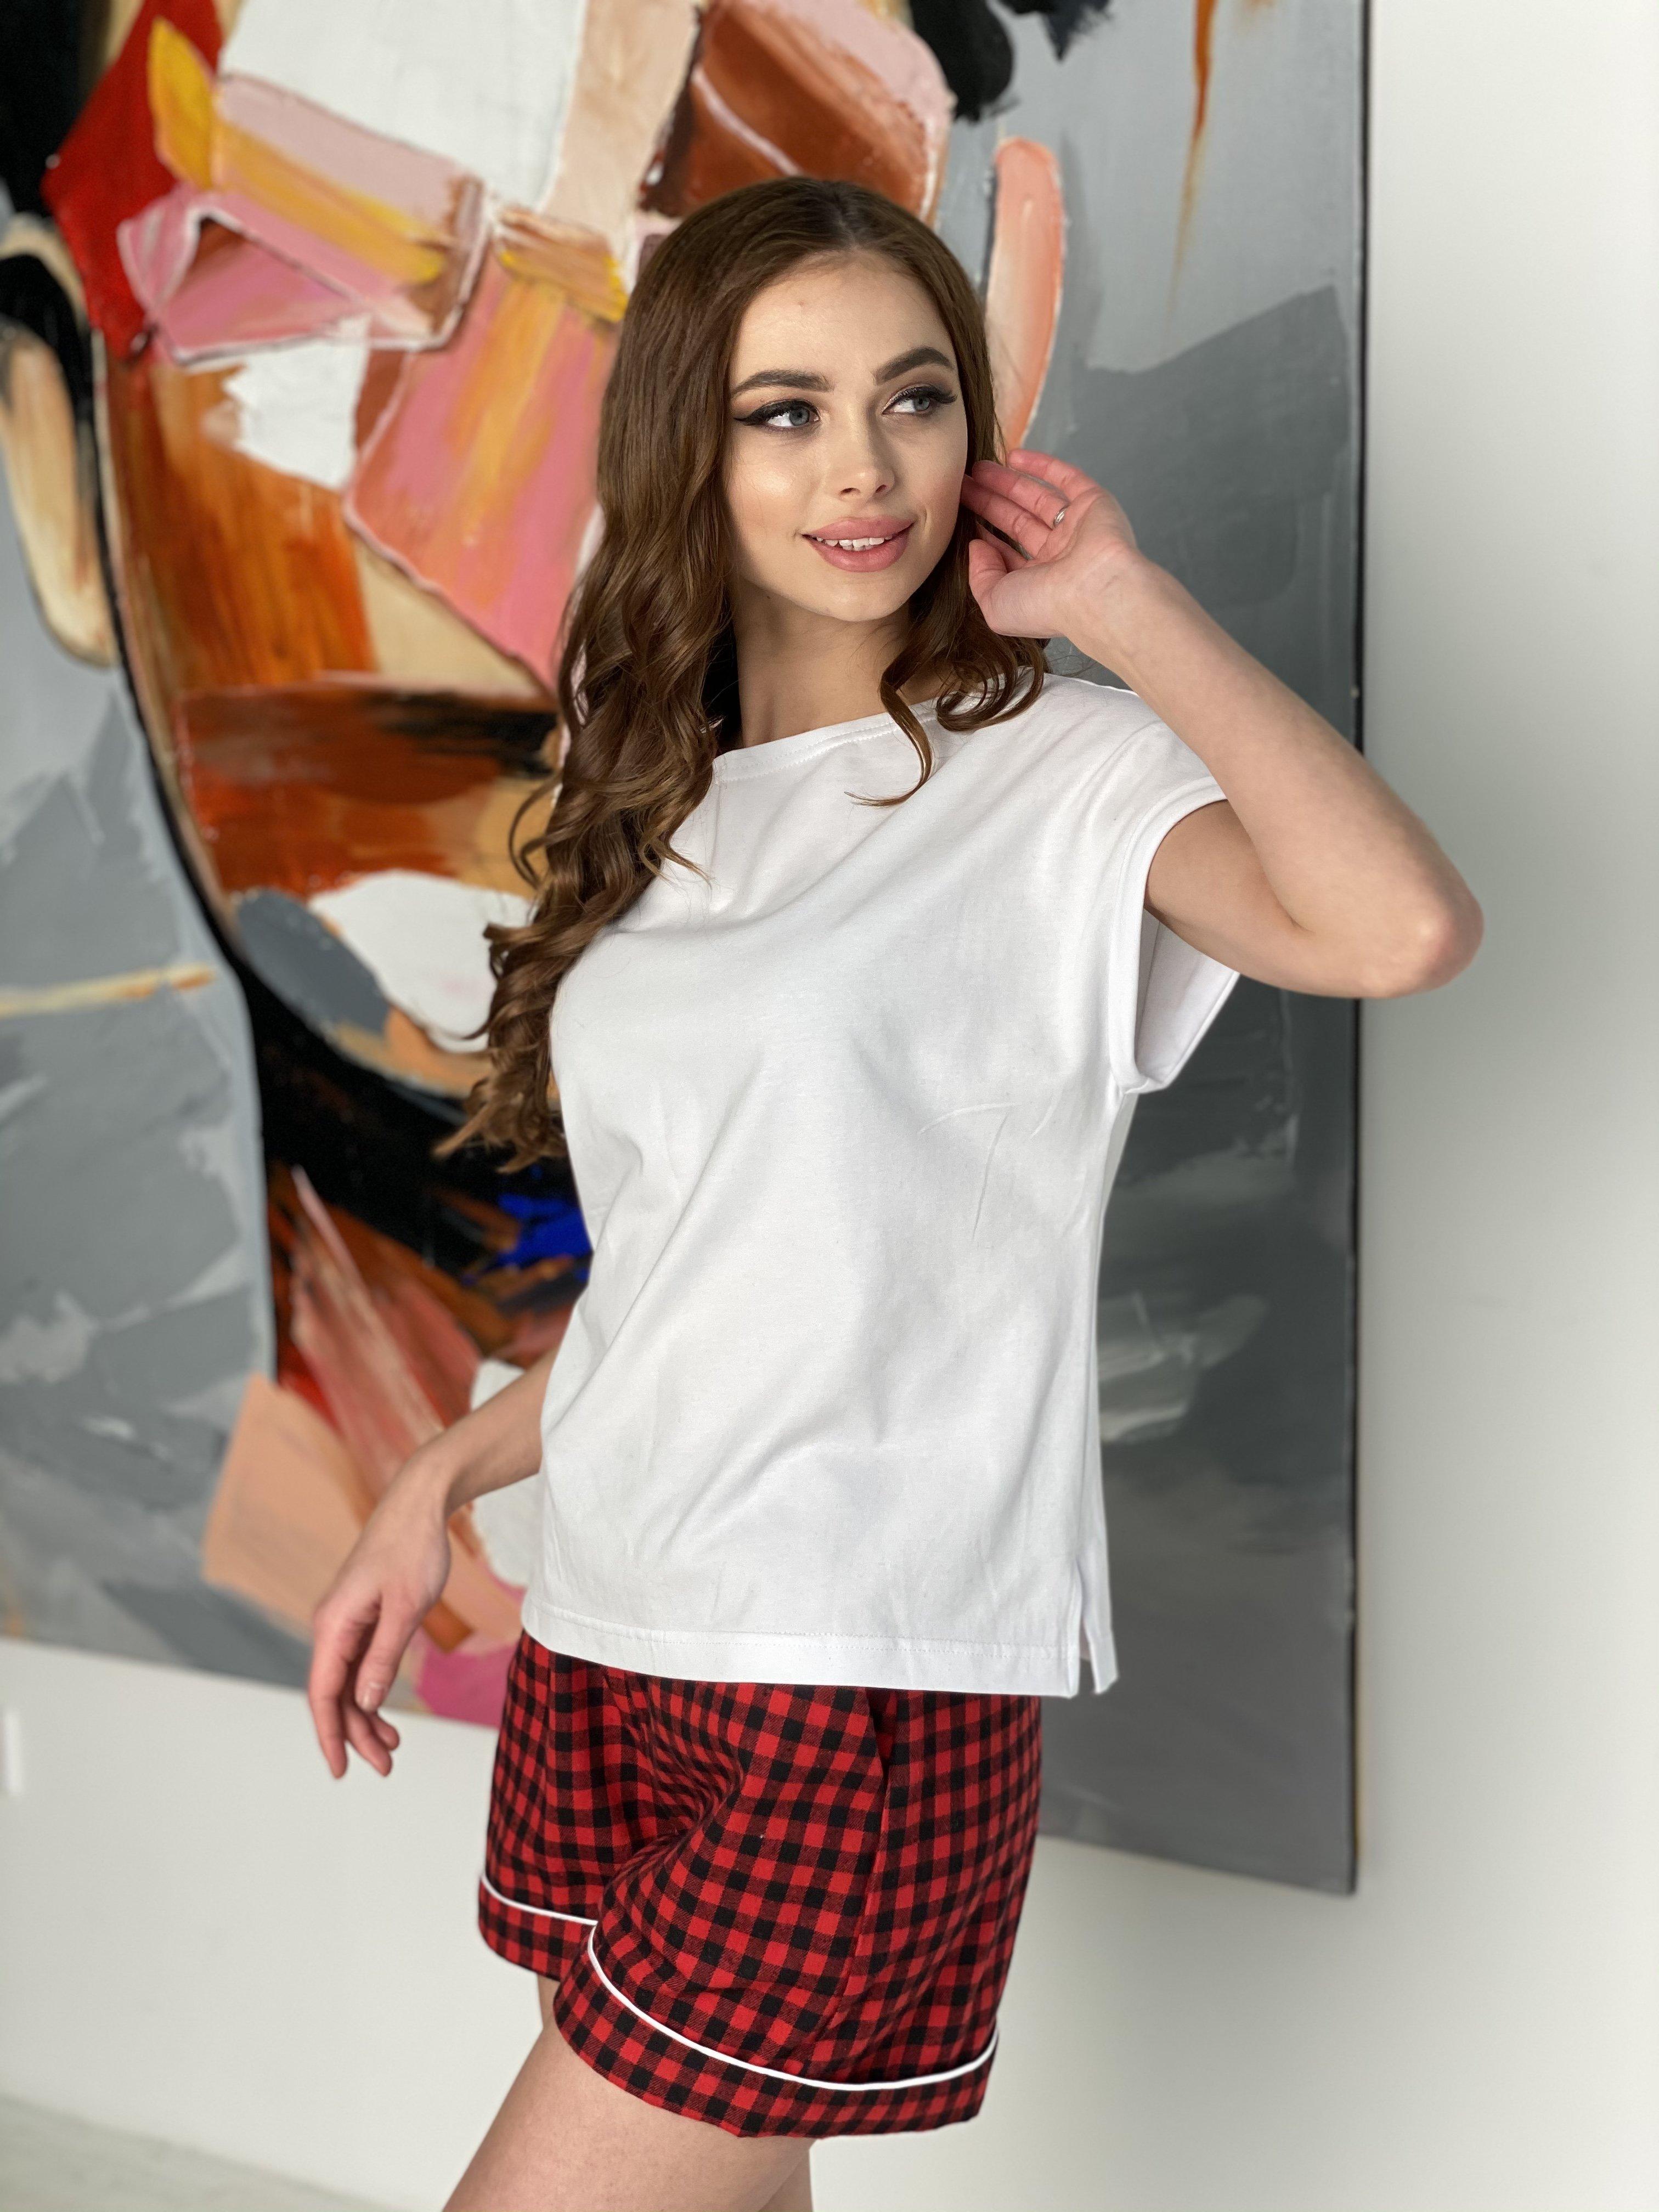 Тедди комплект  (шорты футболка) 10484 АРТ. 46801 Цвет: Красный/т.синий - фото 5, интернет магазин tm-modus.ru